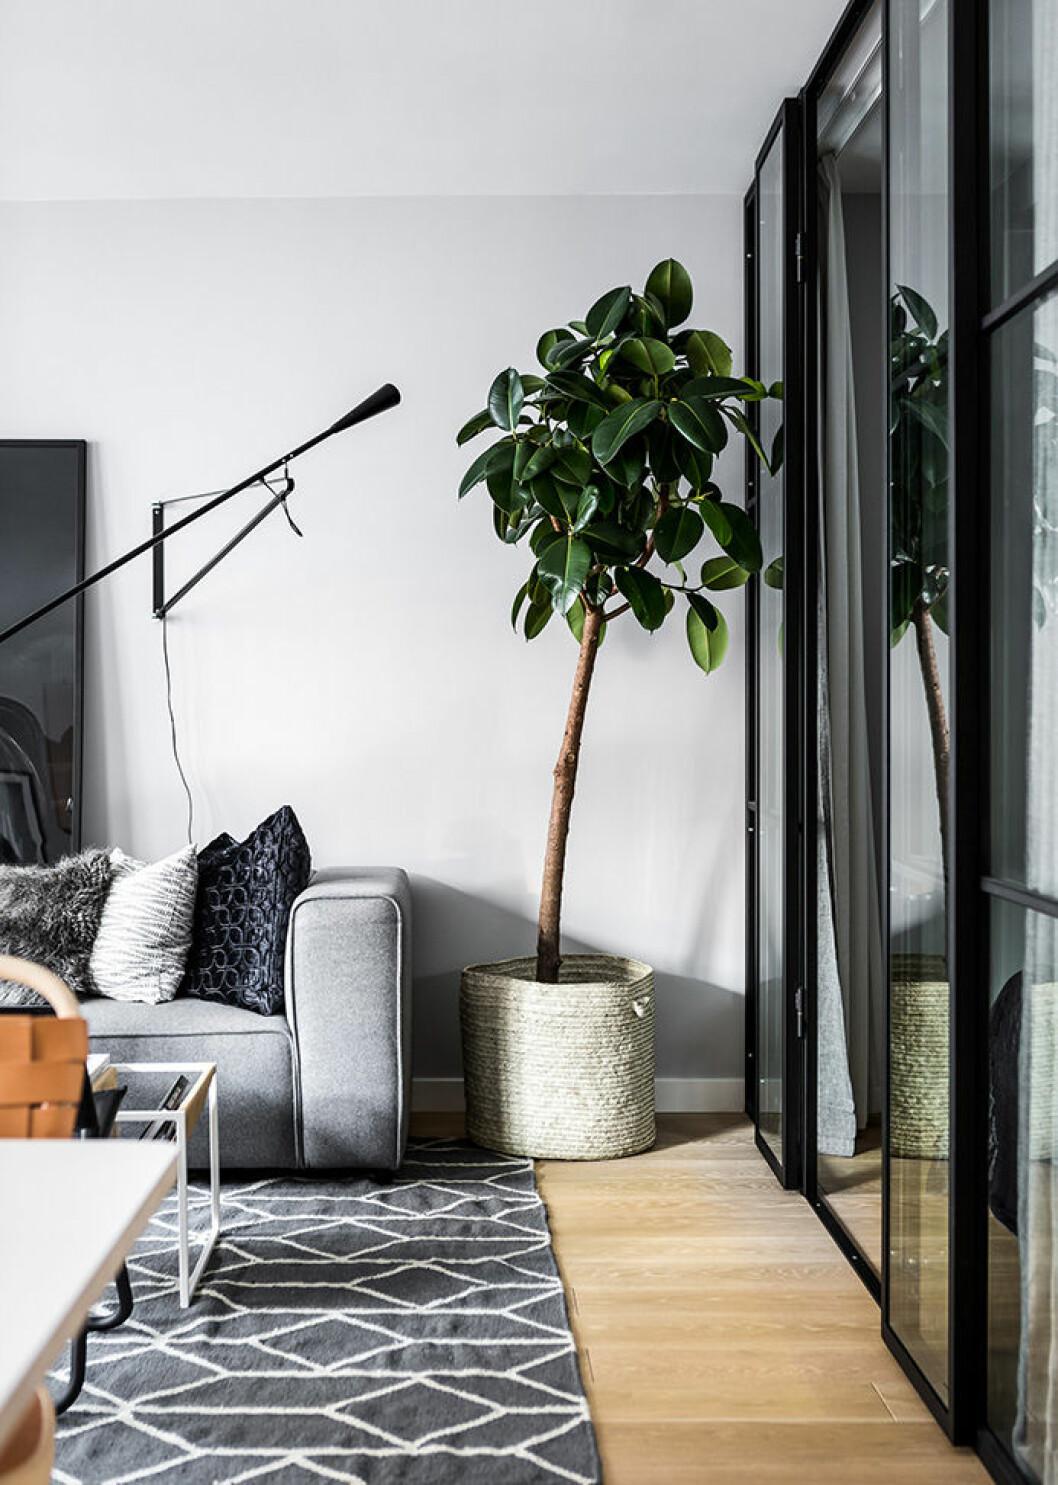 Planta i korg i vardagsrummet